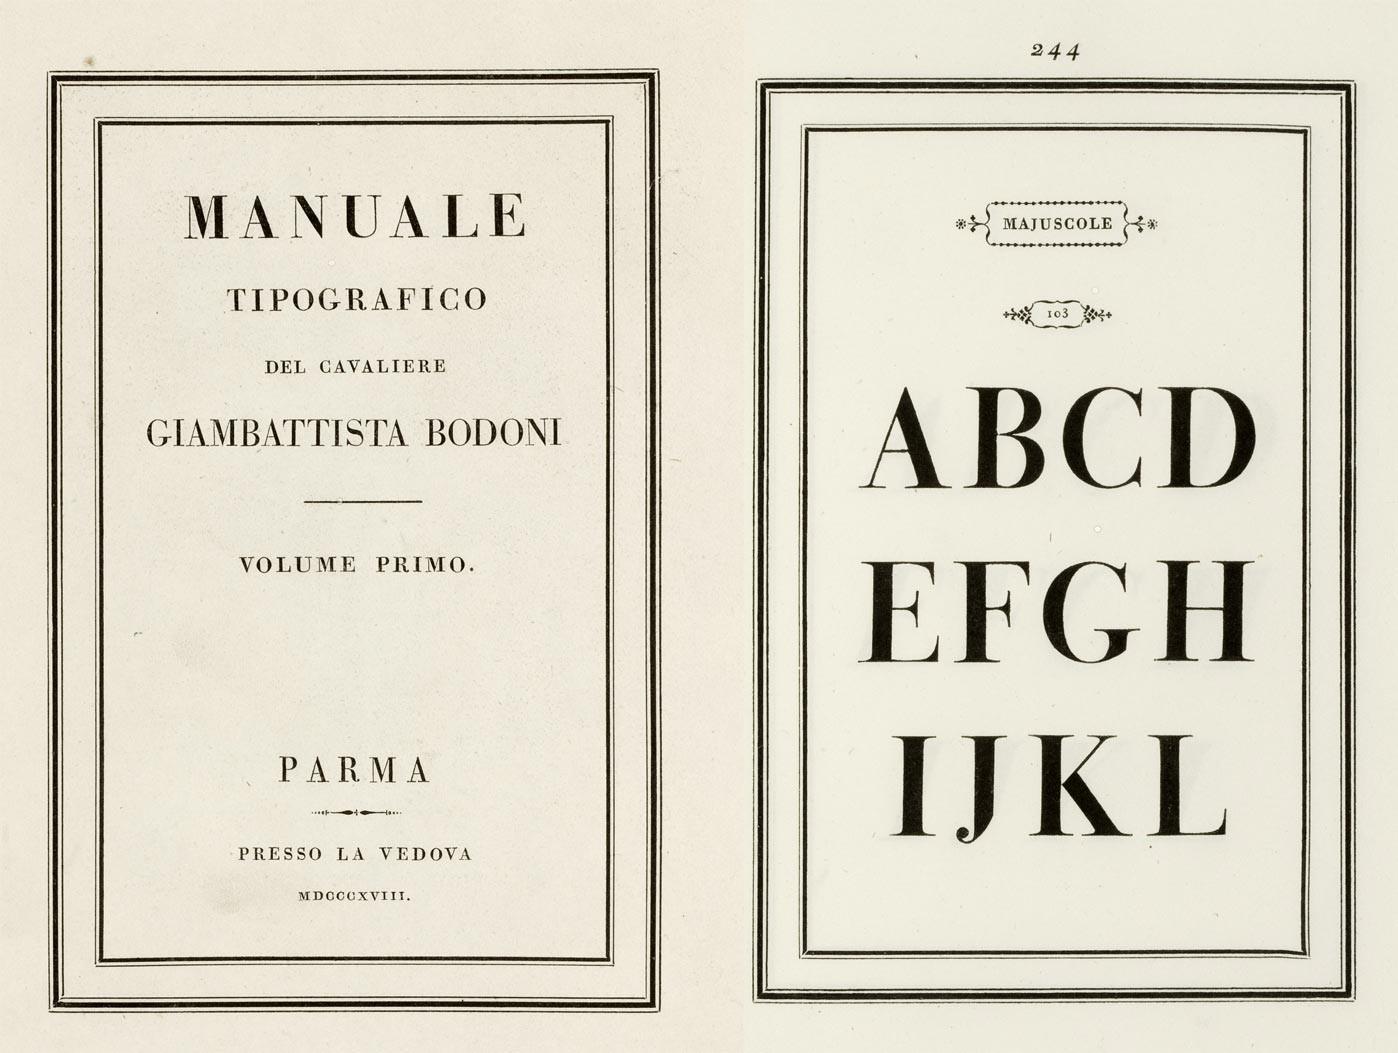 El Manual tipográfico de Giambattista Bodoni (imagen: dominio público)